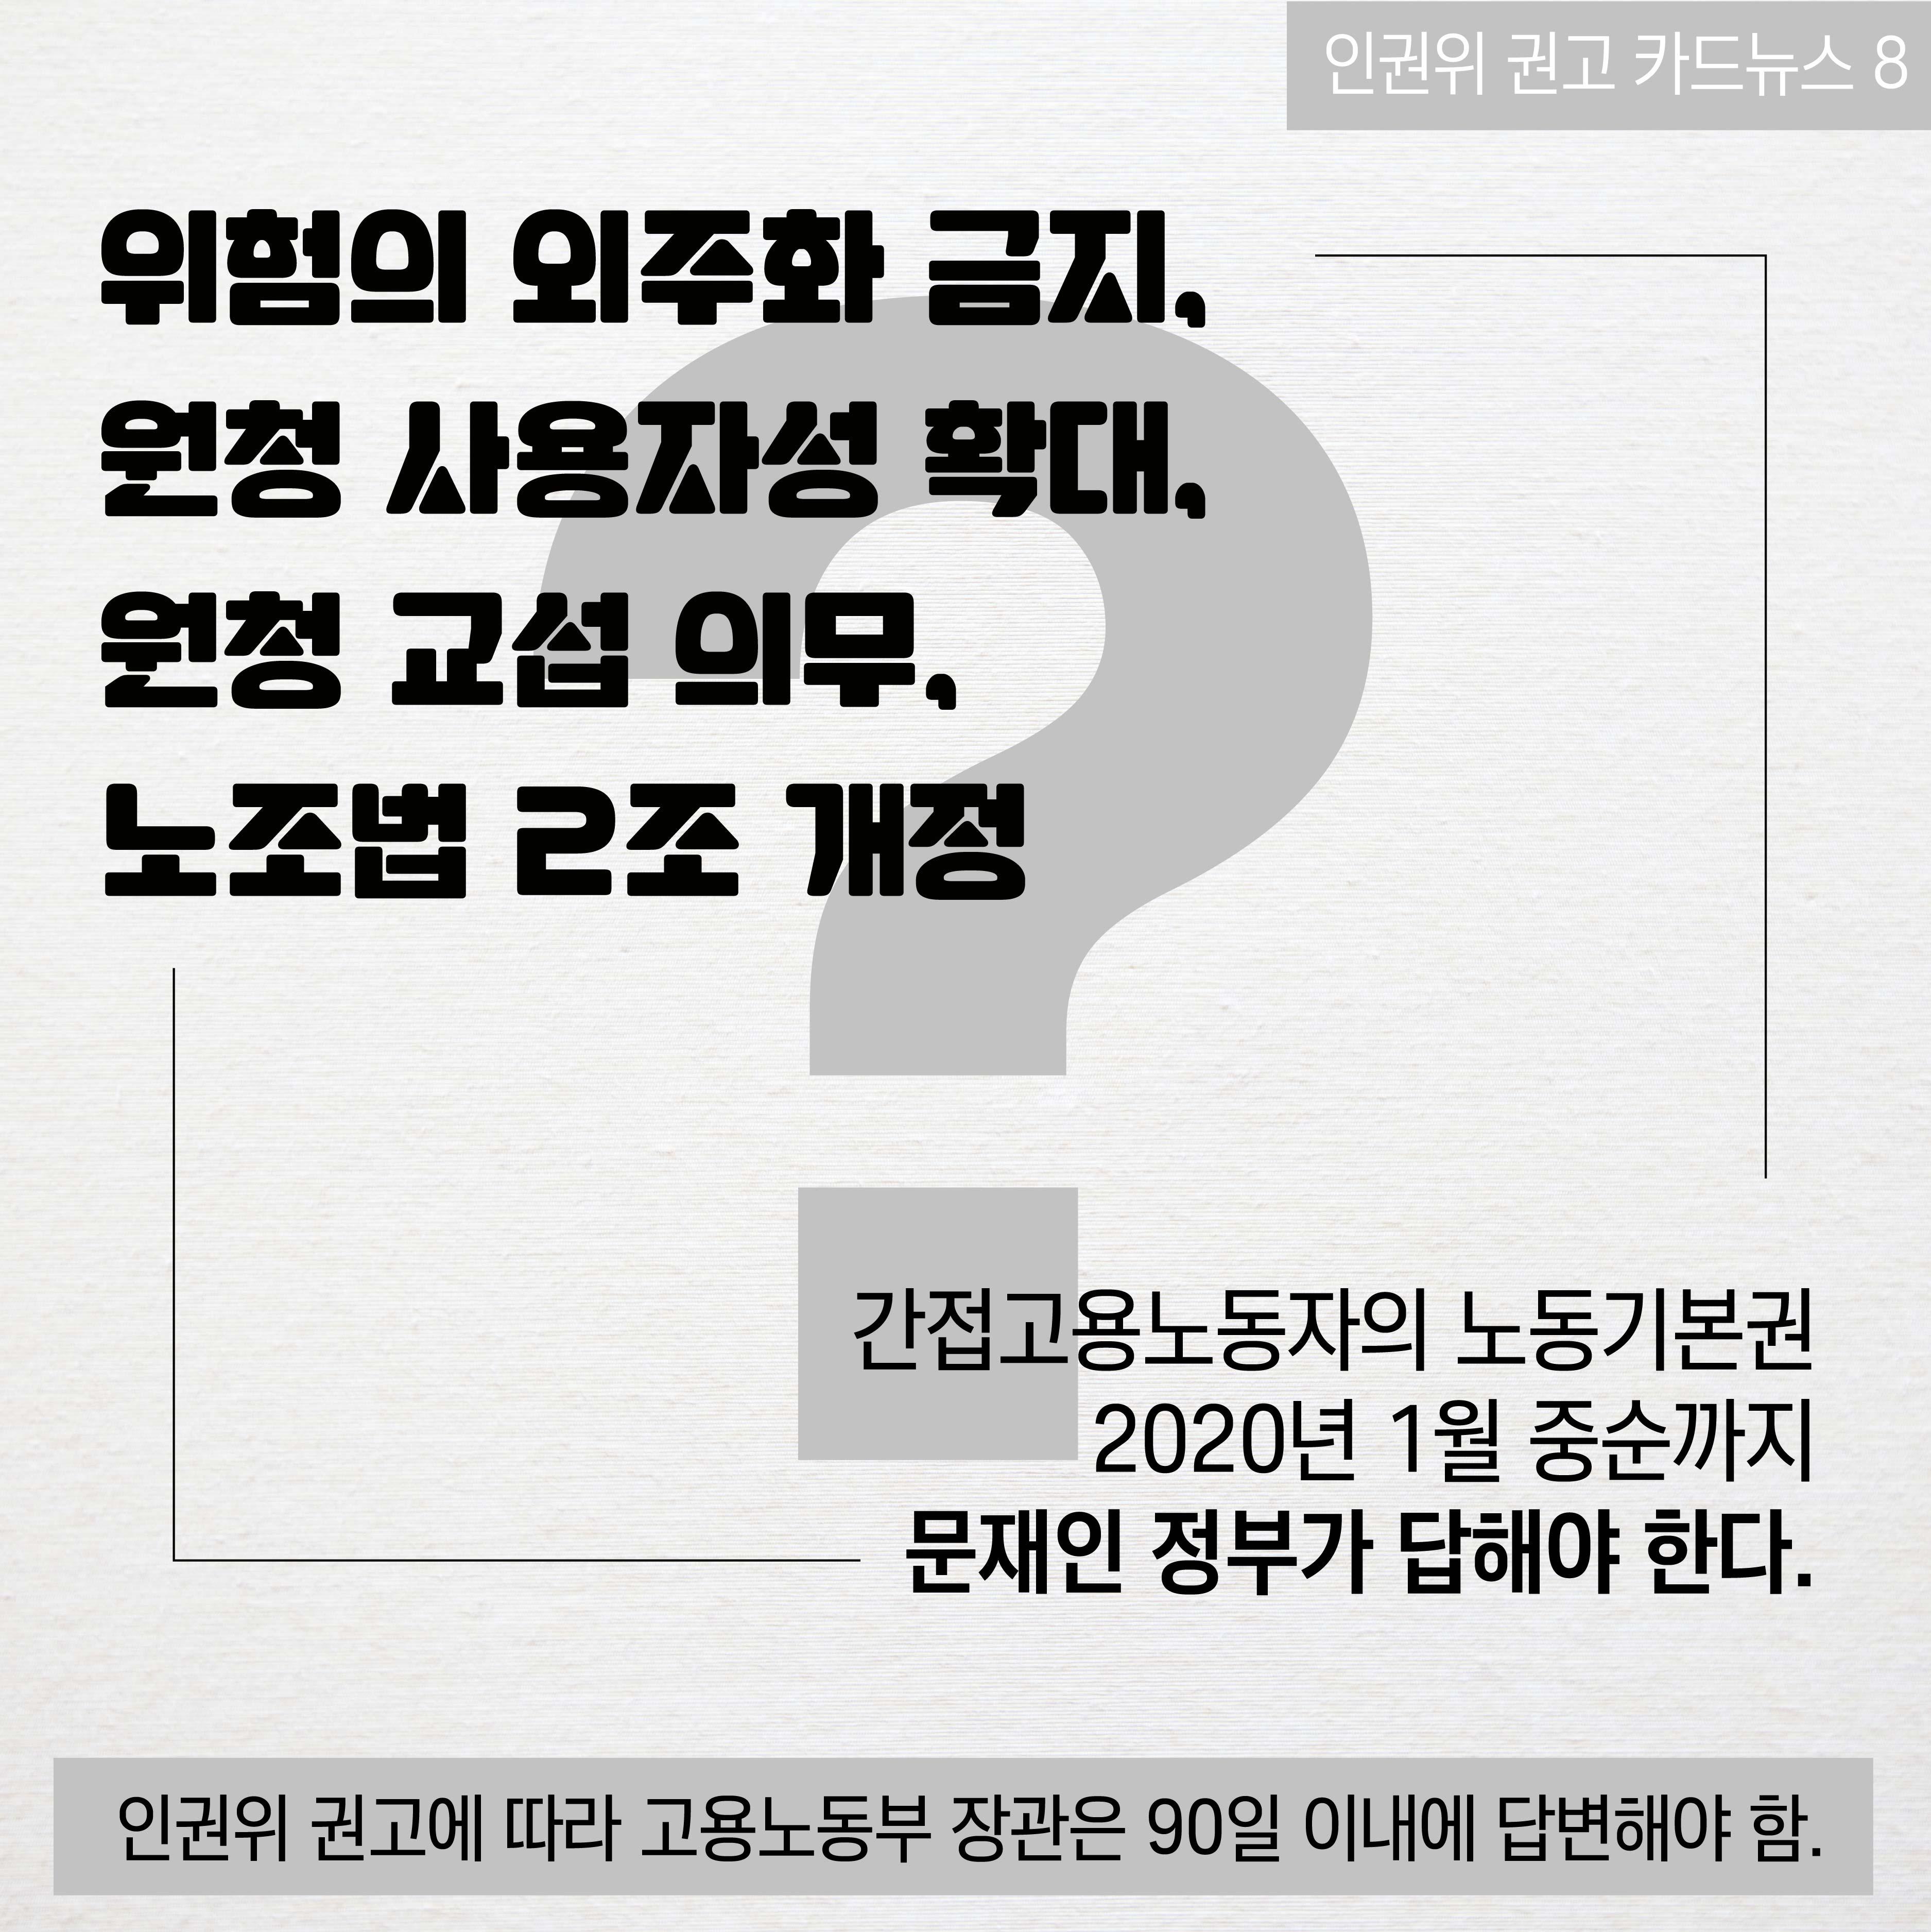 인권위권고카드뉴스-08.jpg